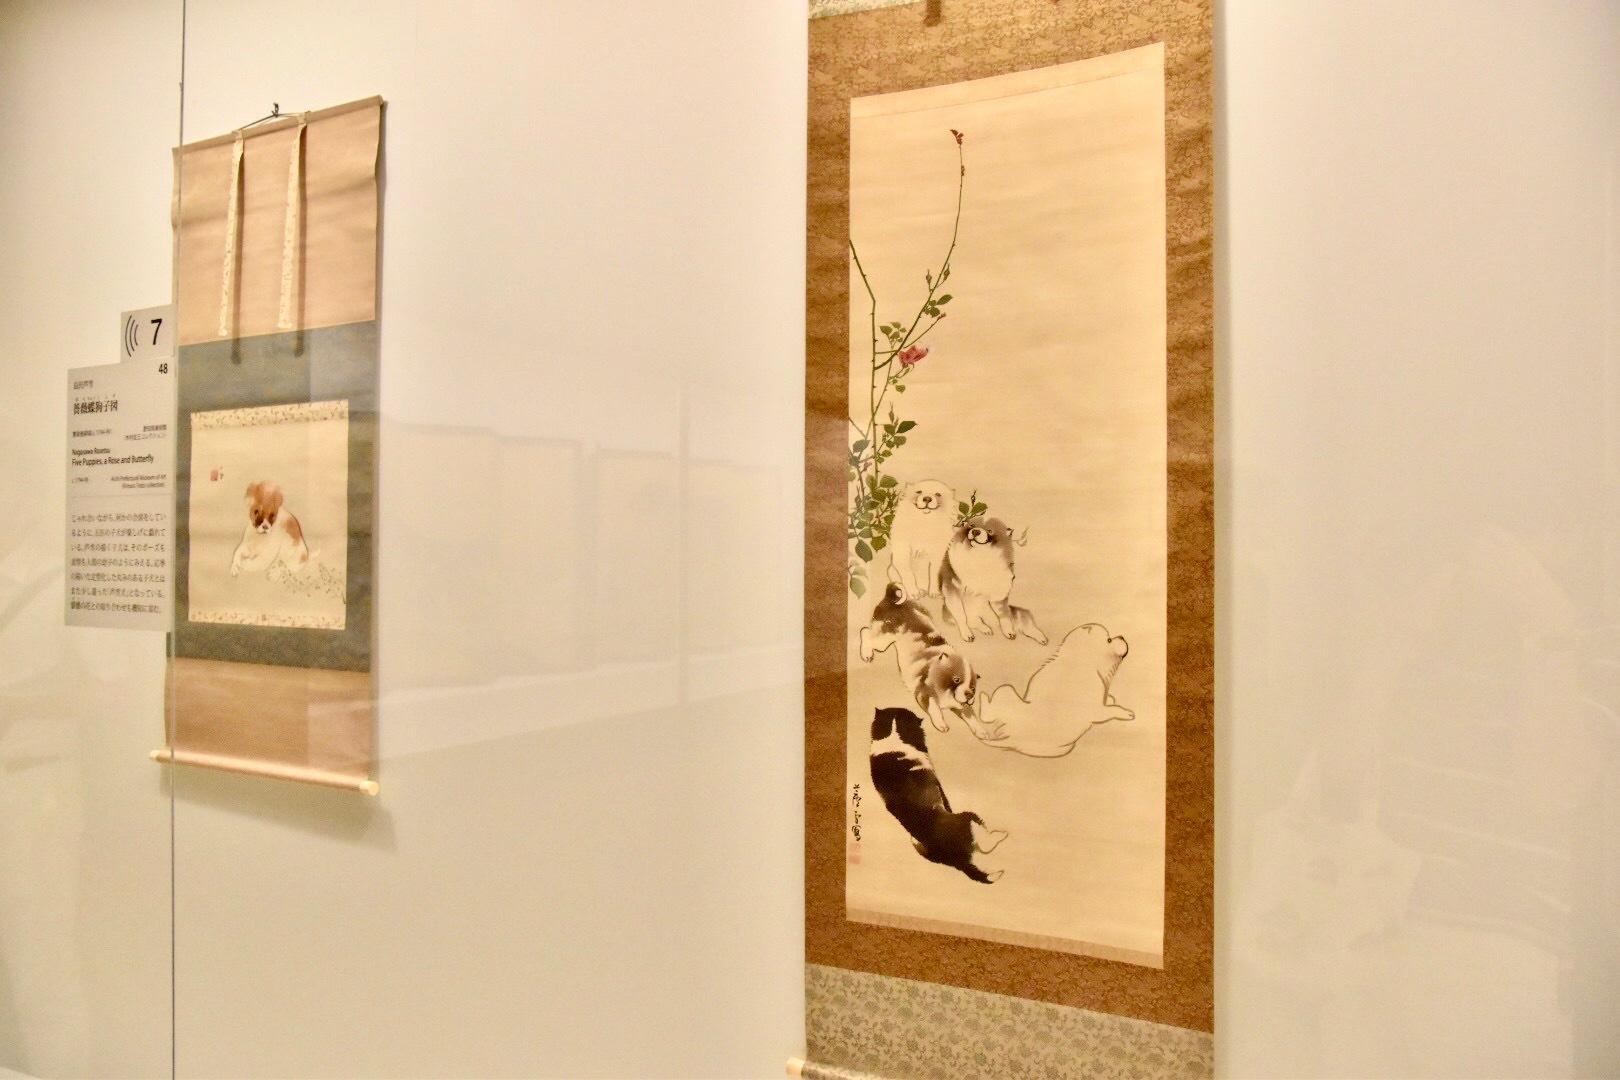 右:長沢芦雪 《薔薇蝶狗子図》 寛政後期頃(c.1794-99) 愛知県美術館(木村定三コレクション)蔵 東京展:前期展示